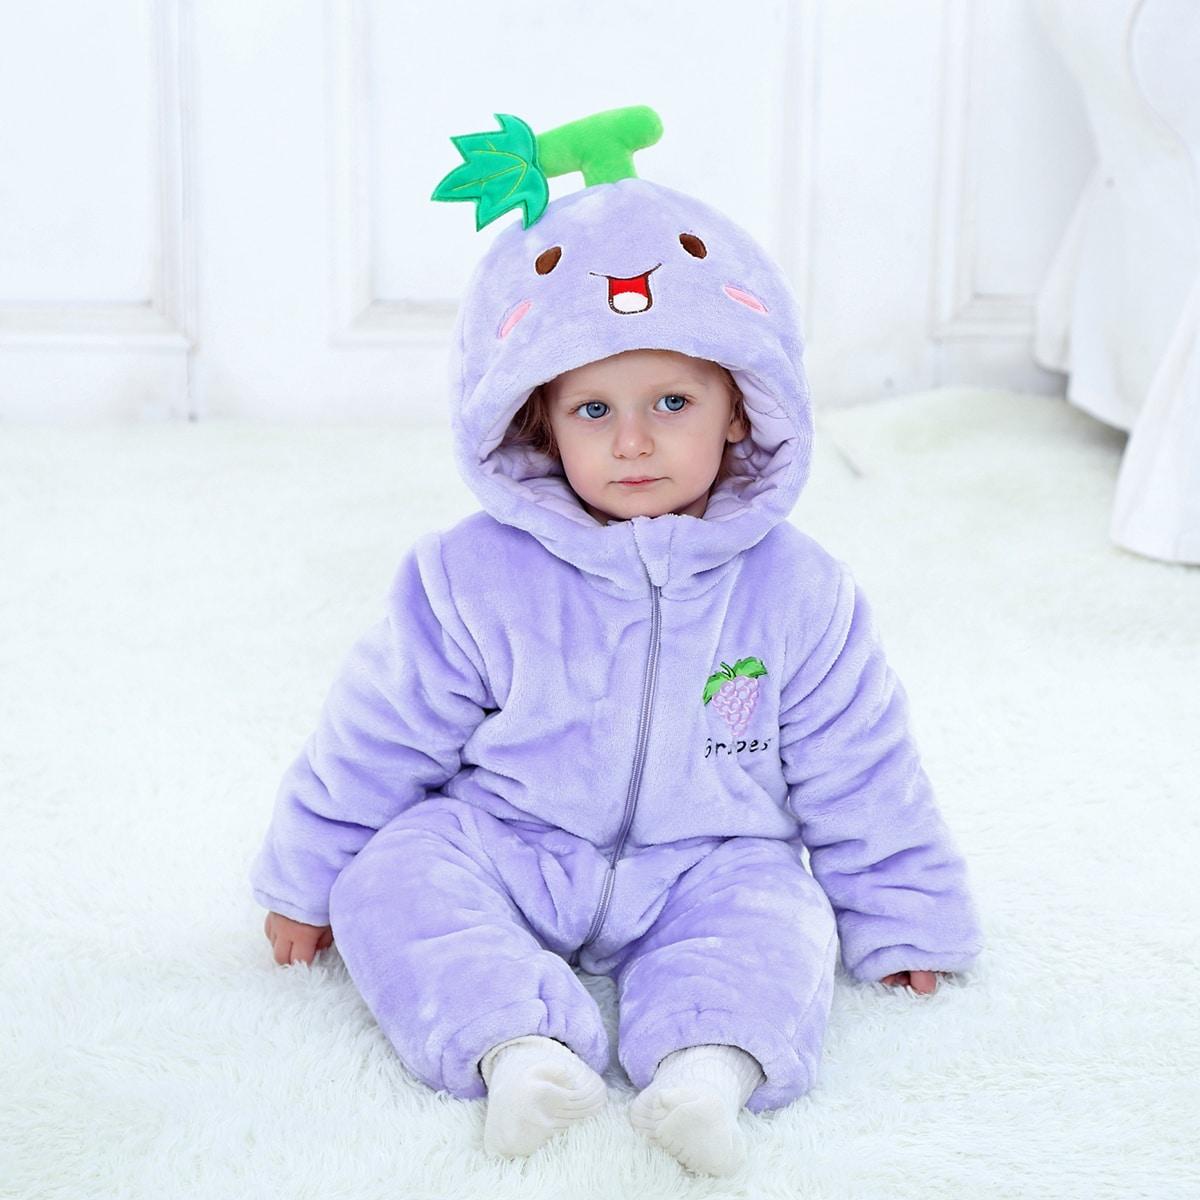 С вышивкой мультяшный принт костюм с дизайном  для малышей